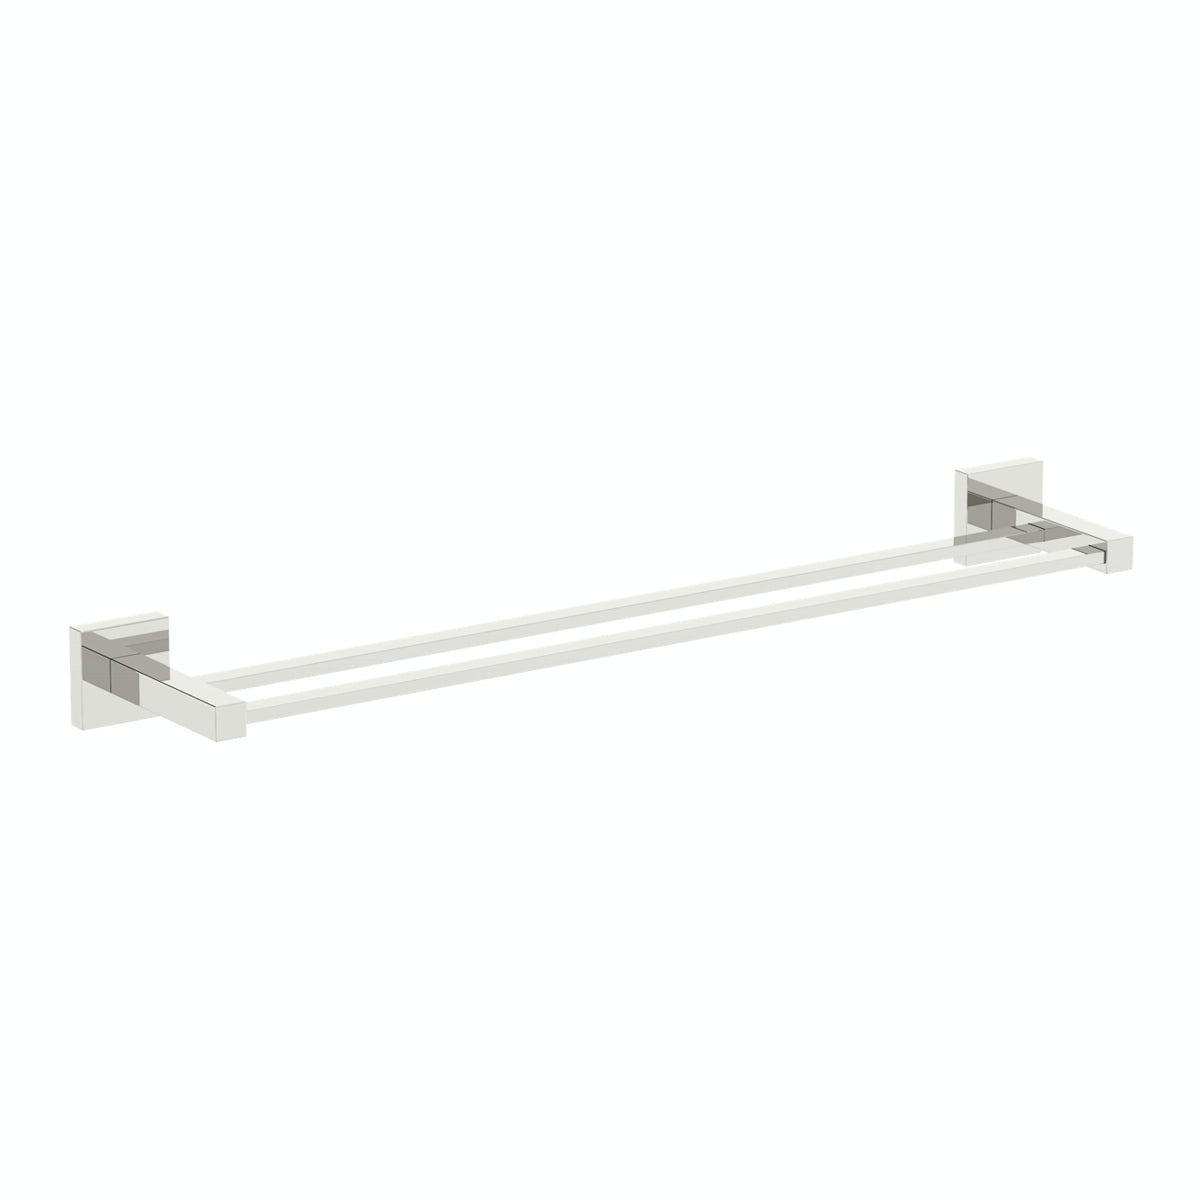 Flex Double Towel Rail